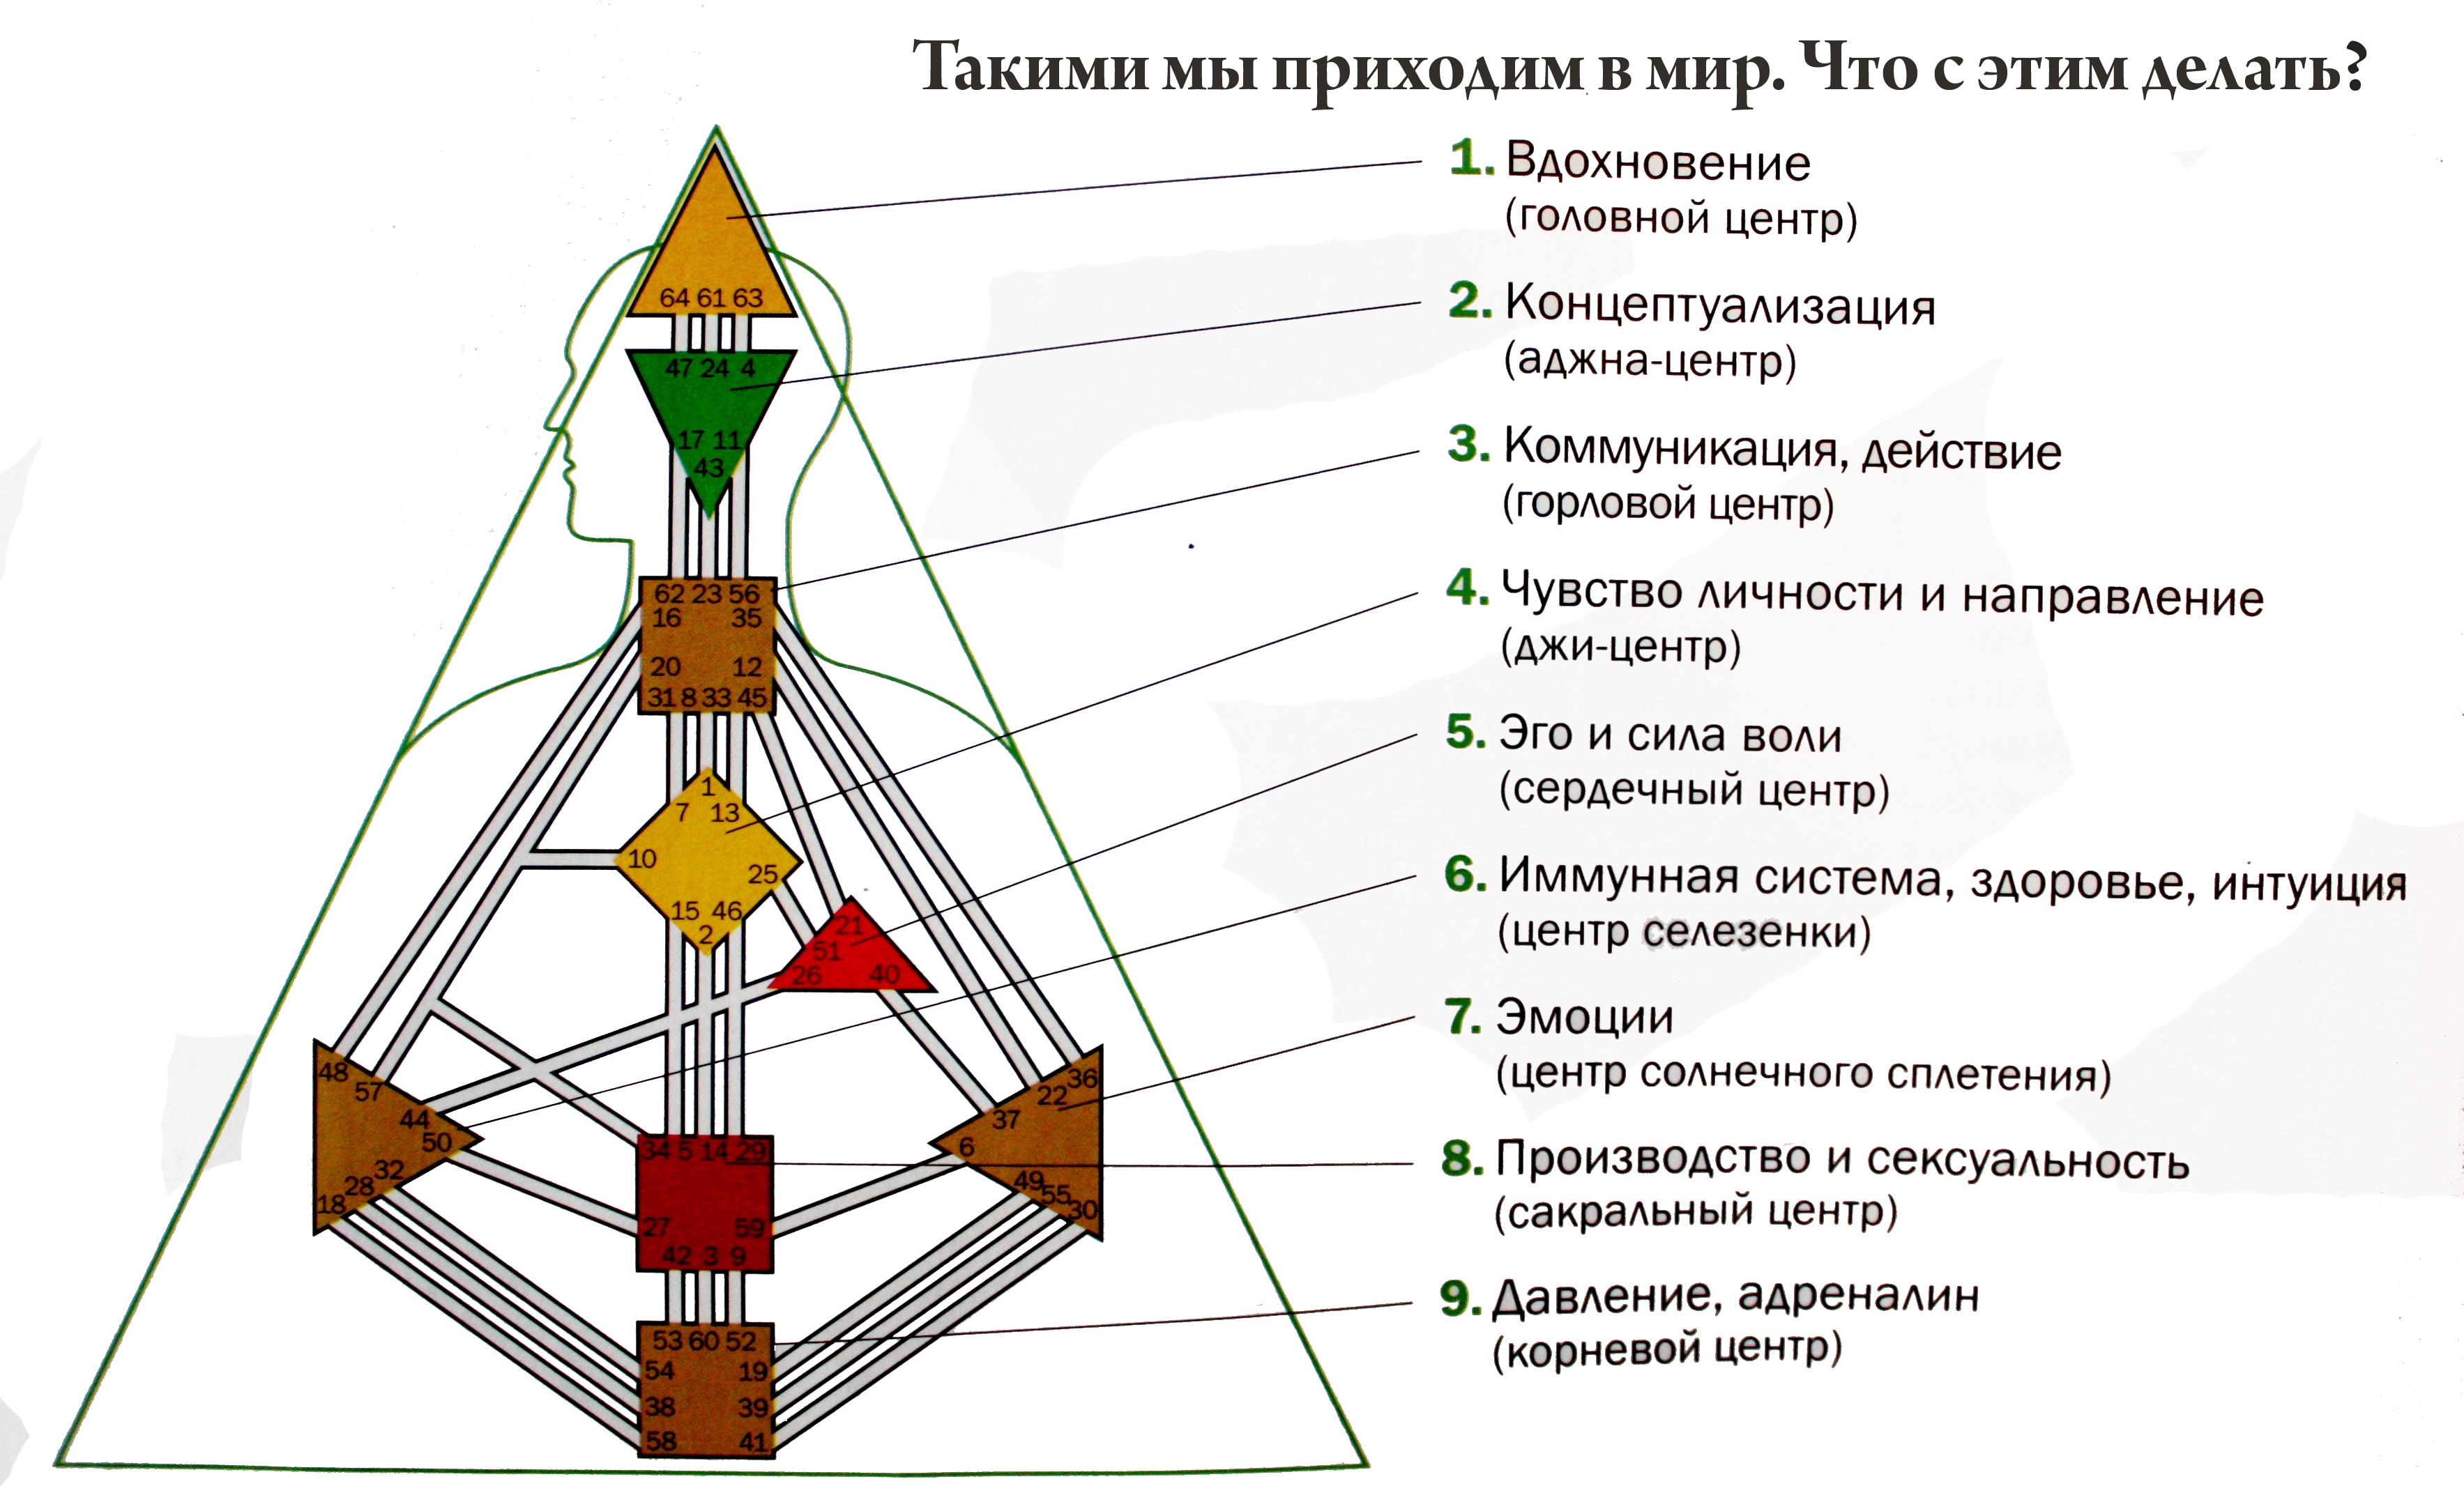 синтетических дизайн человека расшифровка карты шерсти мериноса Woolpower